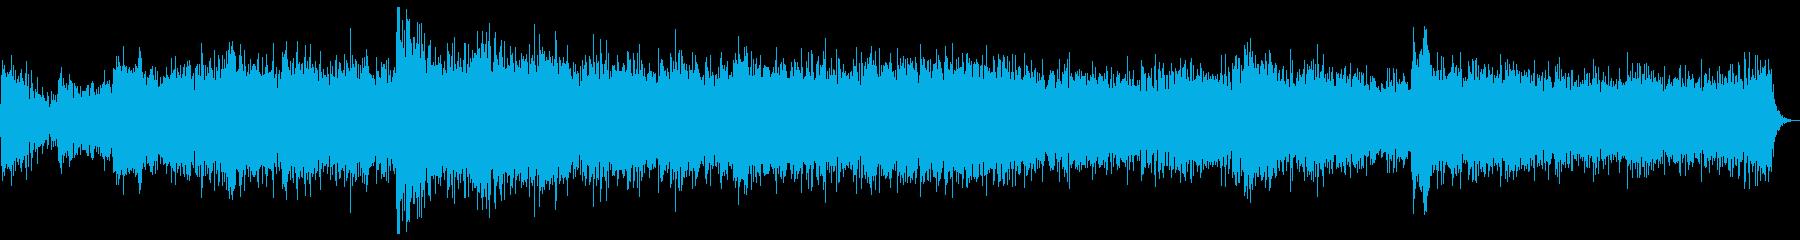 スマホ、PCっぽい起動音1の再生済みの波形